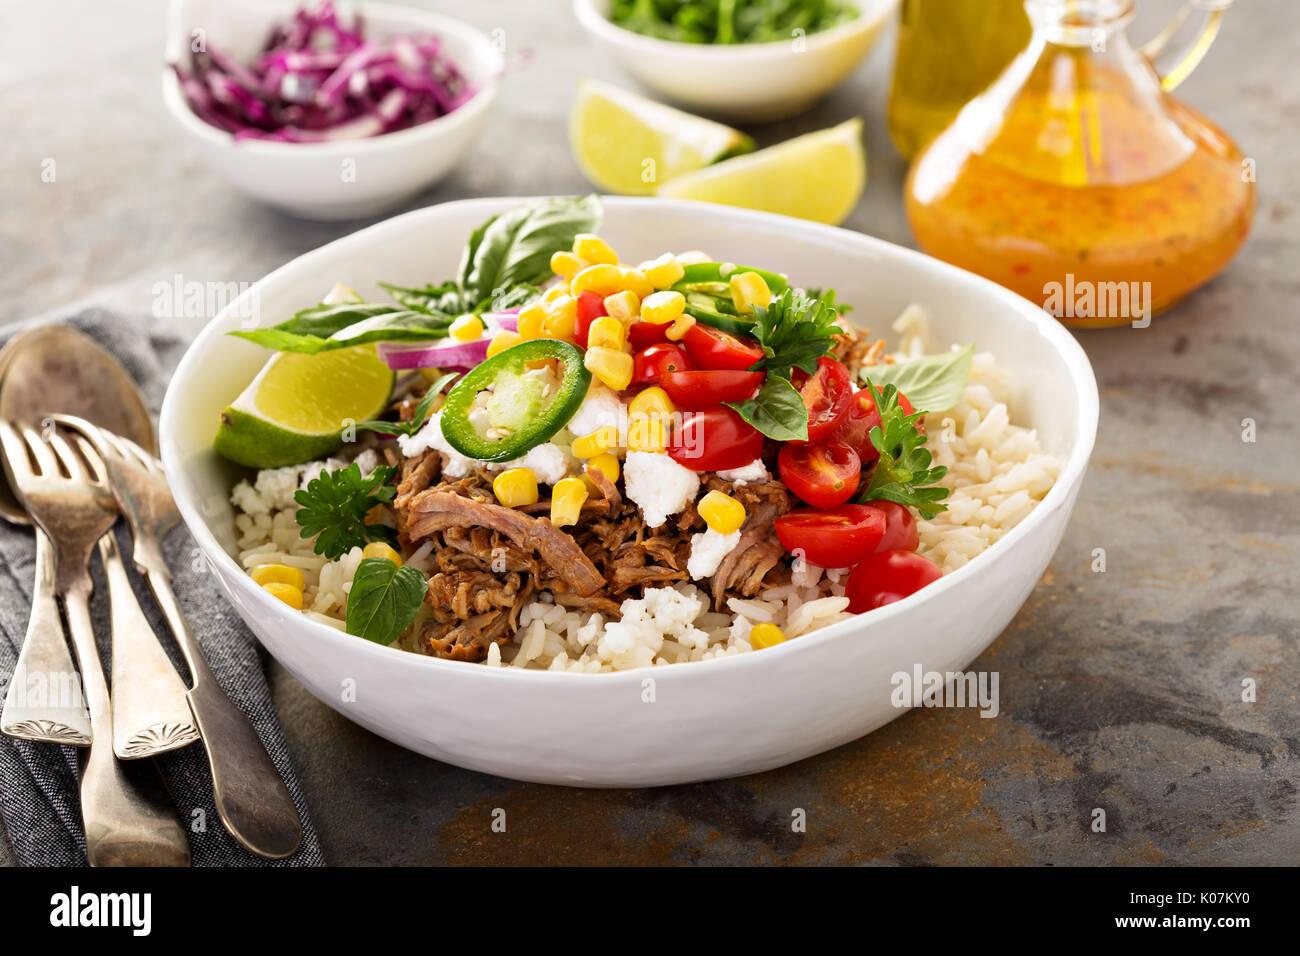 La cena ciotola con riso e carne di maiale tirato Immagini Stock